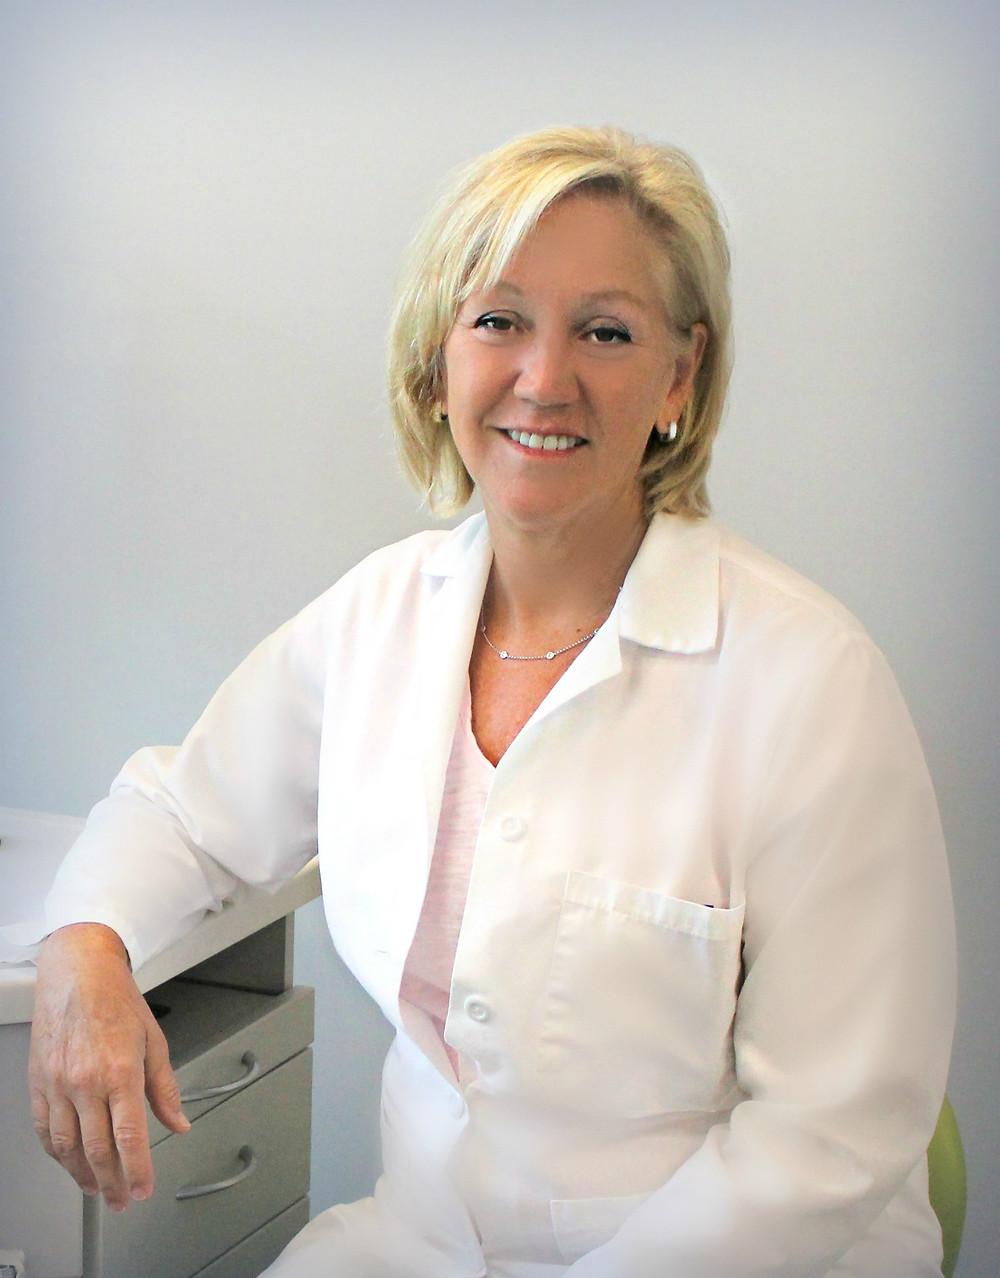 Dr. Lise K. Bradley, DDS